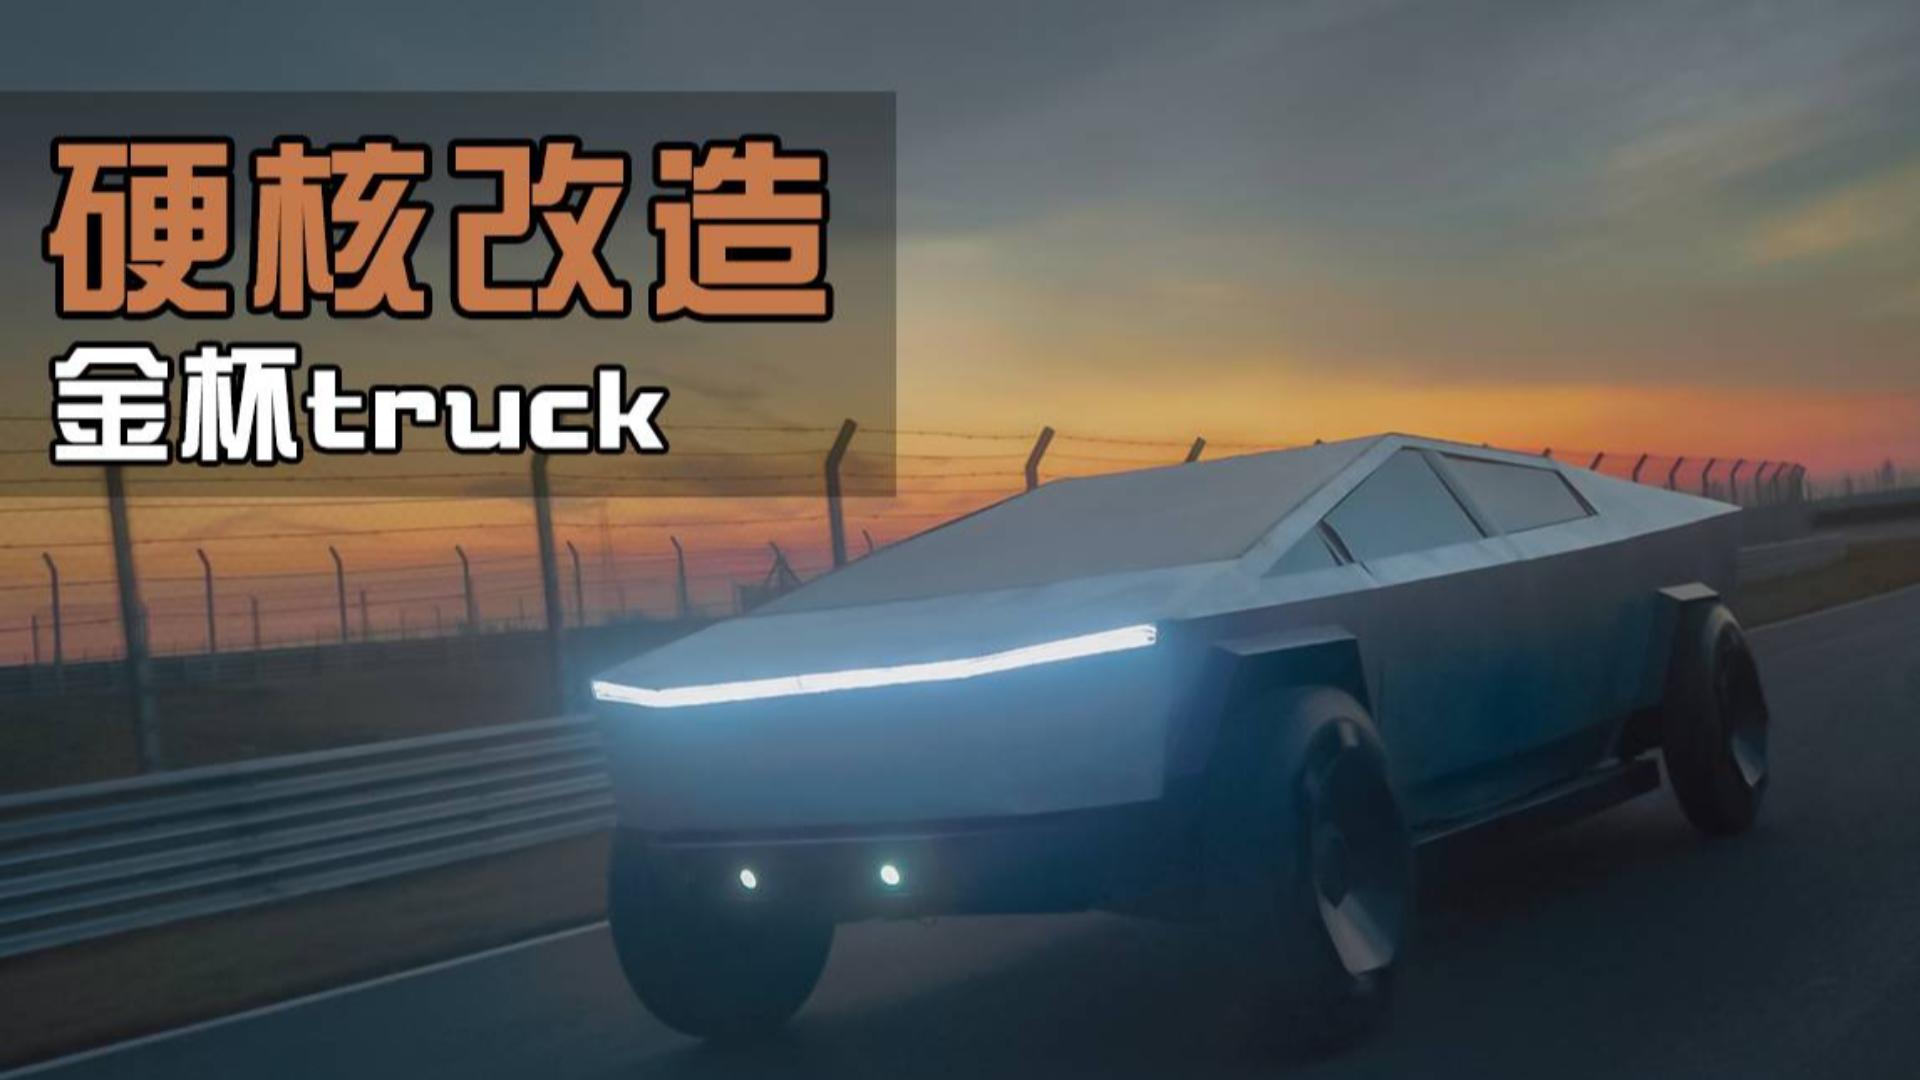 报废面包车改造特斯拉CyberTruck